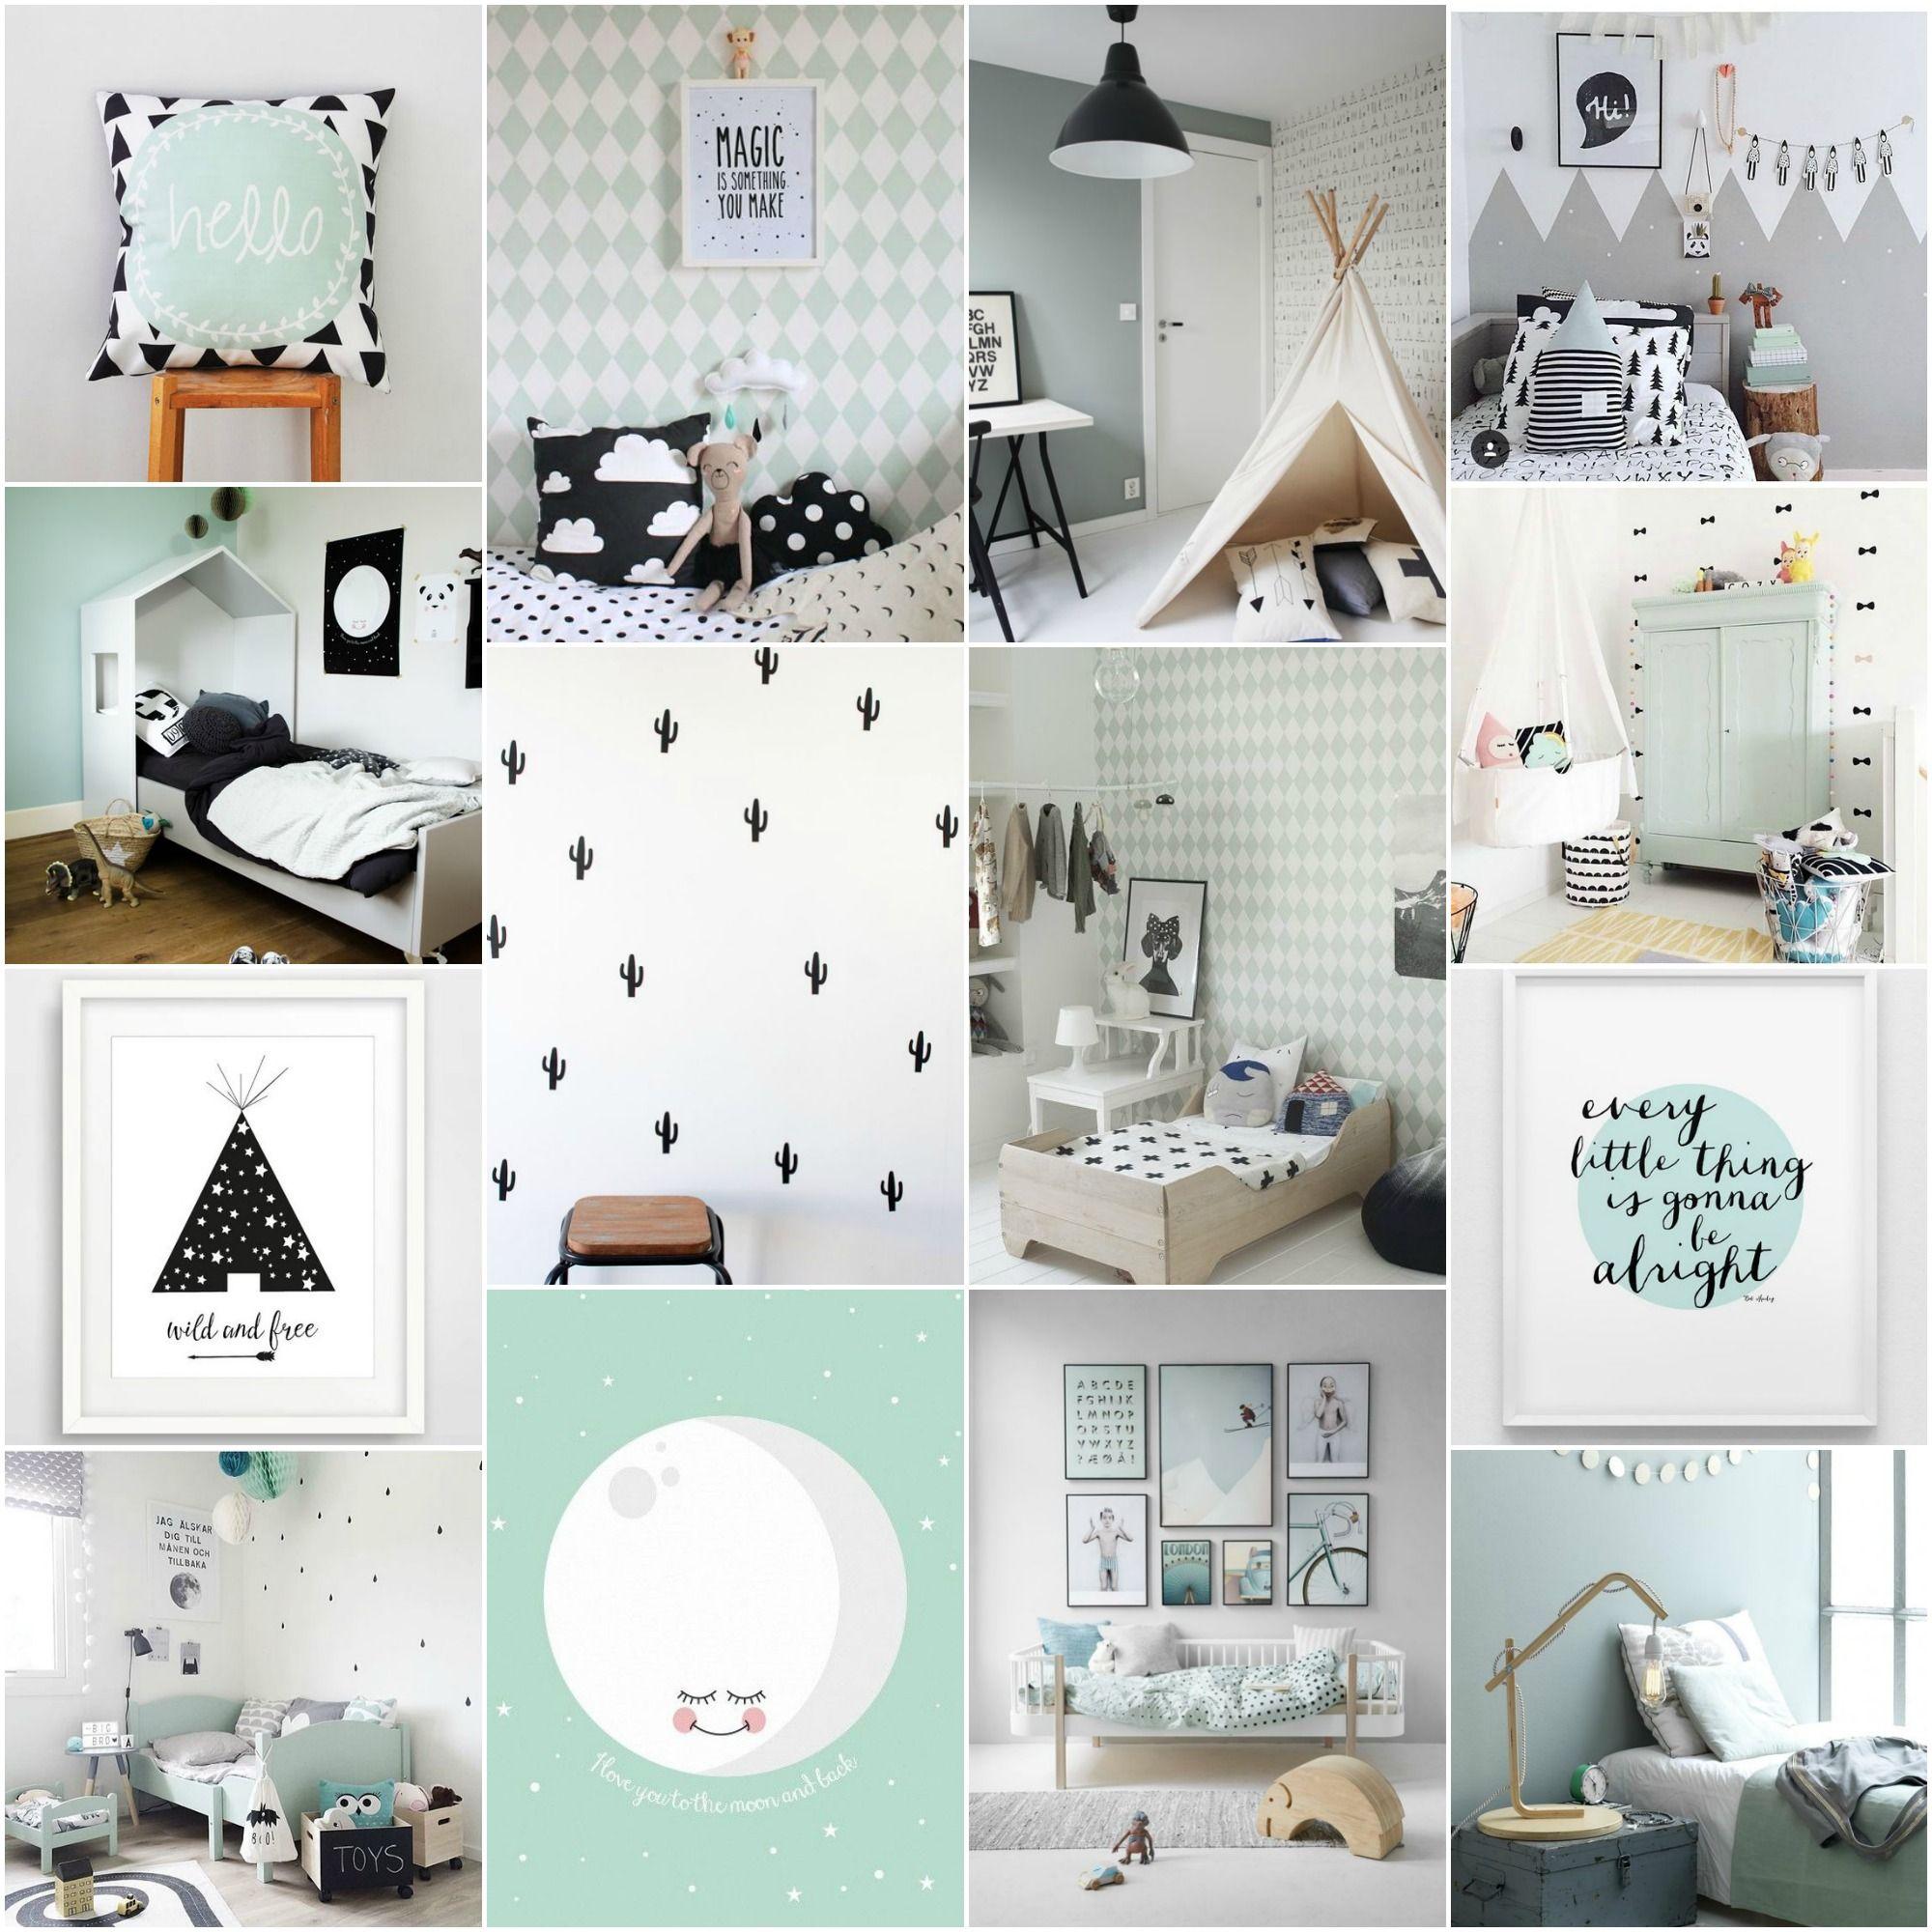 Schlafzimmer Nordisch Einrichten: Schlafzimmer Nordisch Gestalten. Schlafzimmer Kiefer Weiß